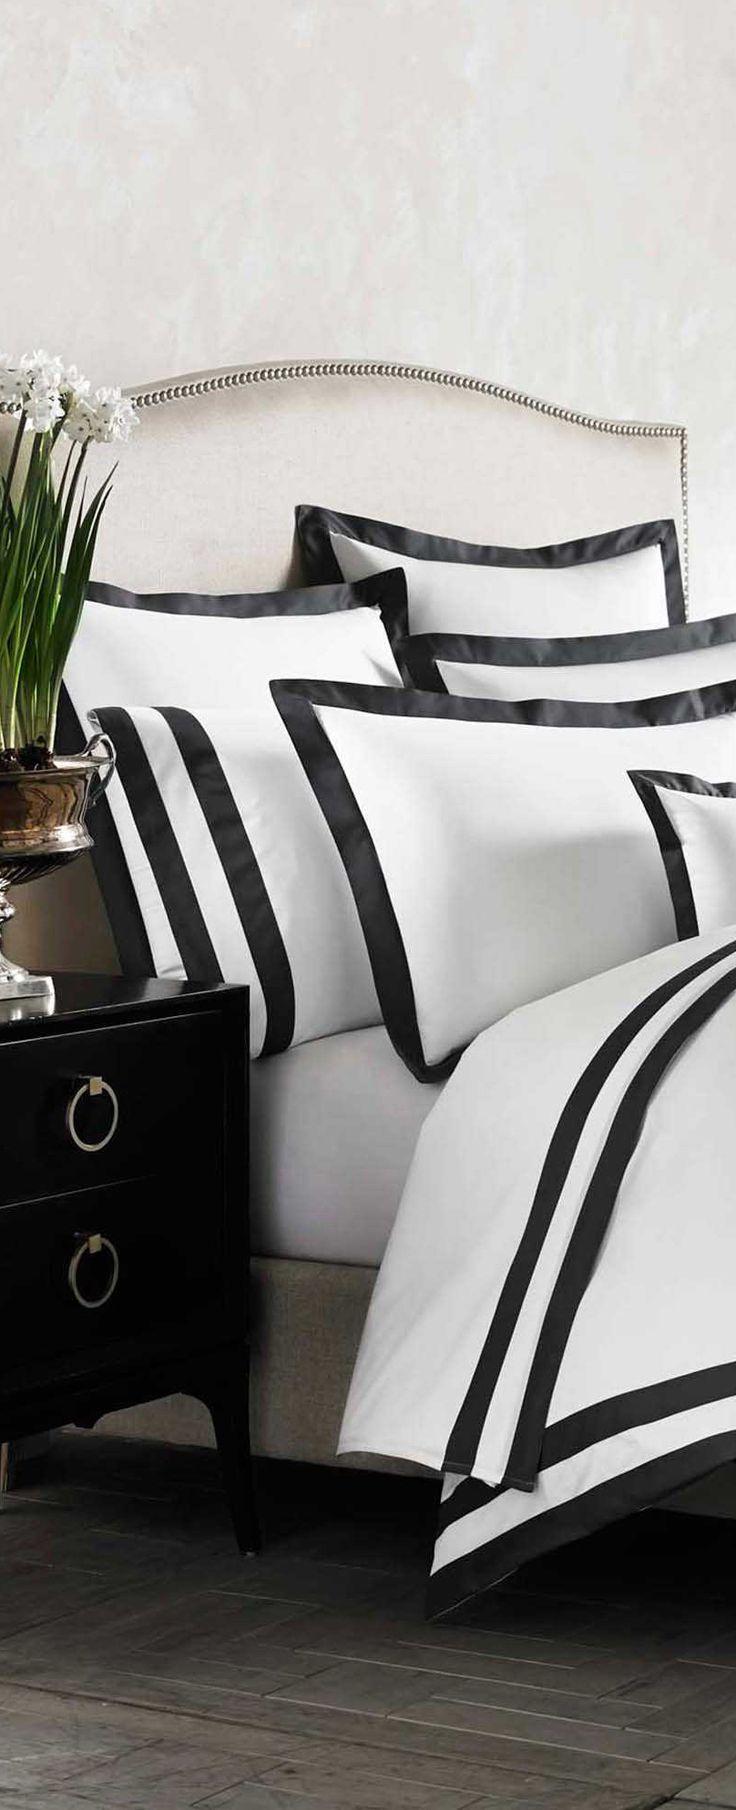 Une chambre en noir et blanc | design, décoration, chambres. Plus d'dées sur http://www.bocadolobo.com/en/inspiration-and-ideas/